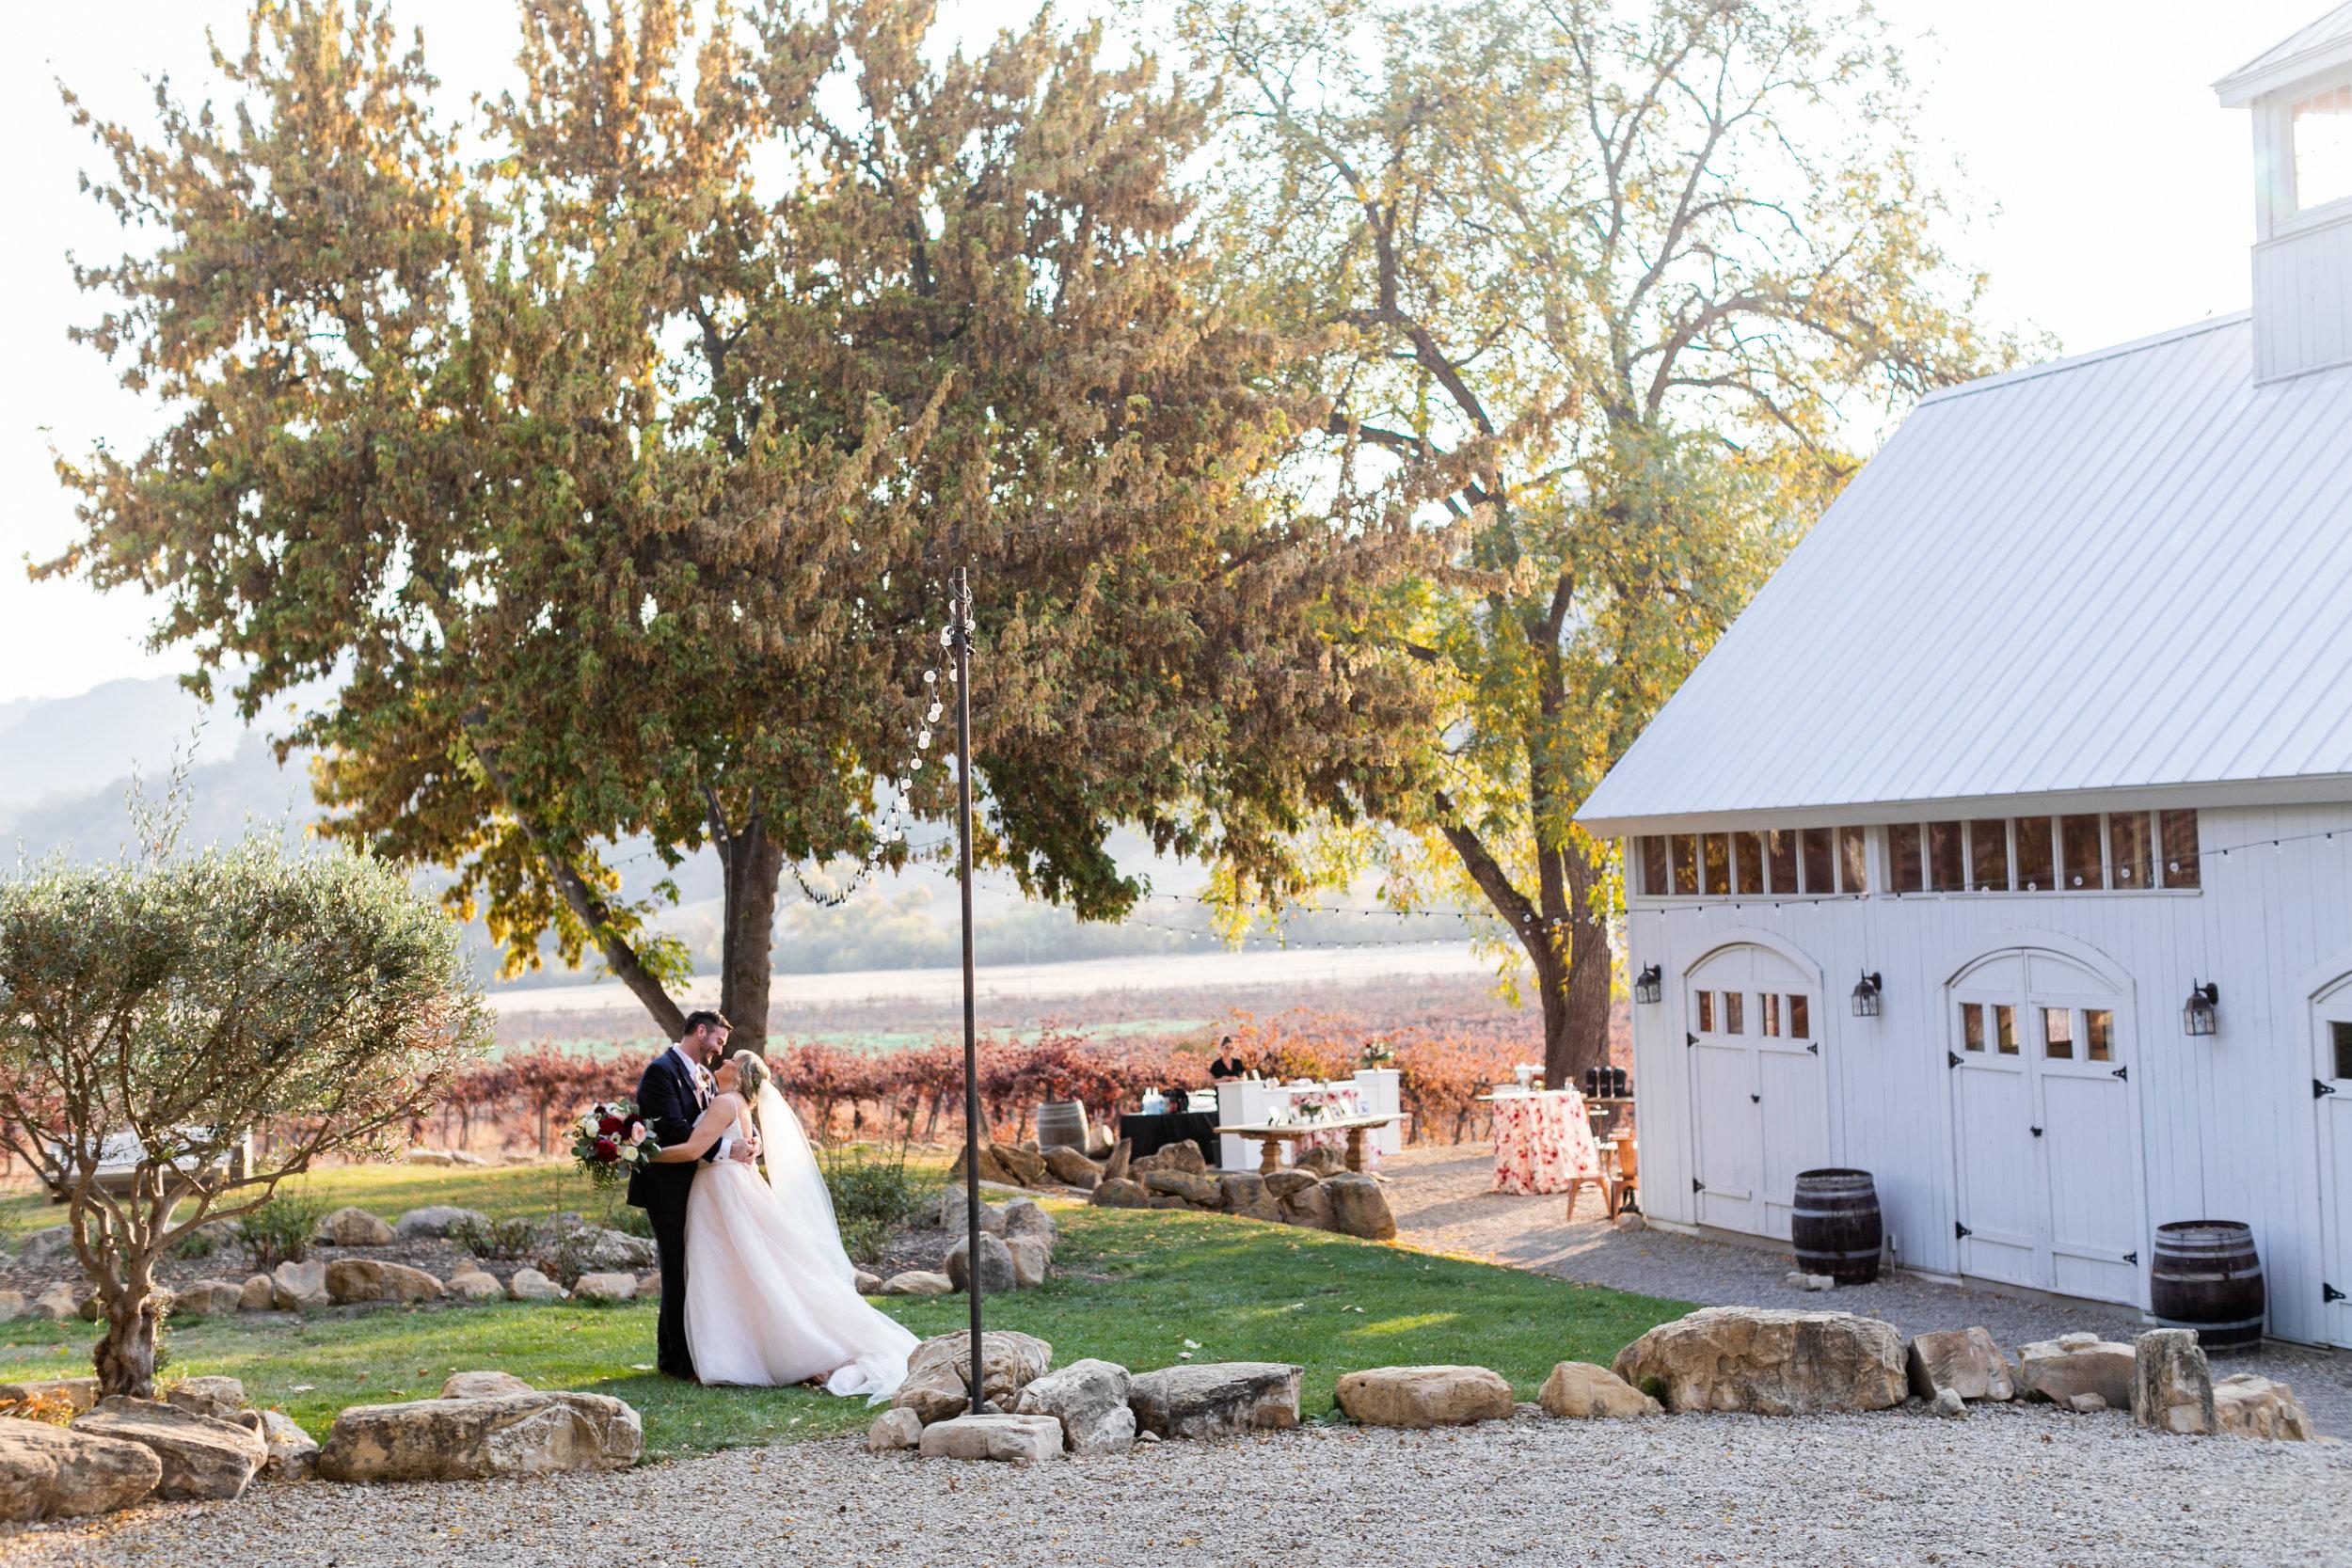 cameron_ingalls-hammersky_vineyards-studebaker-0389.jpg